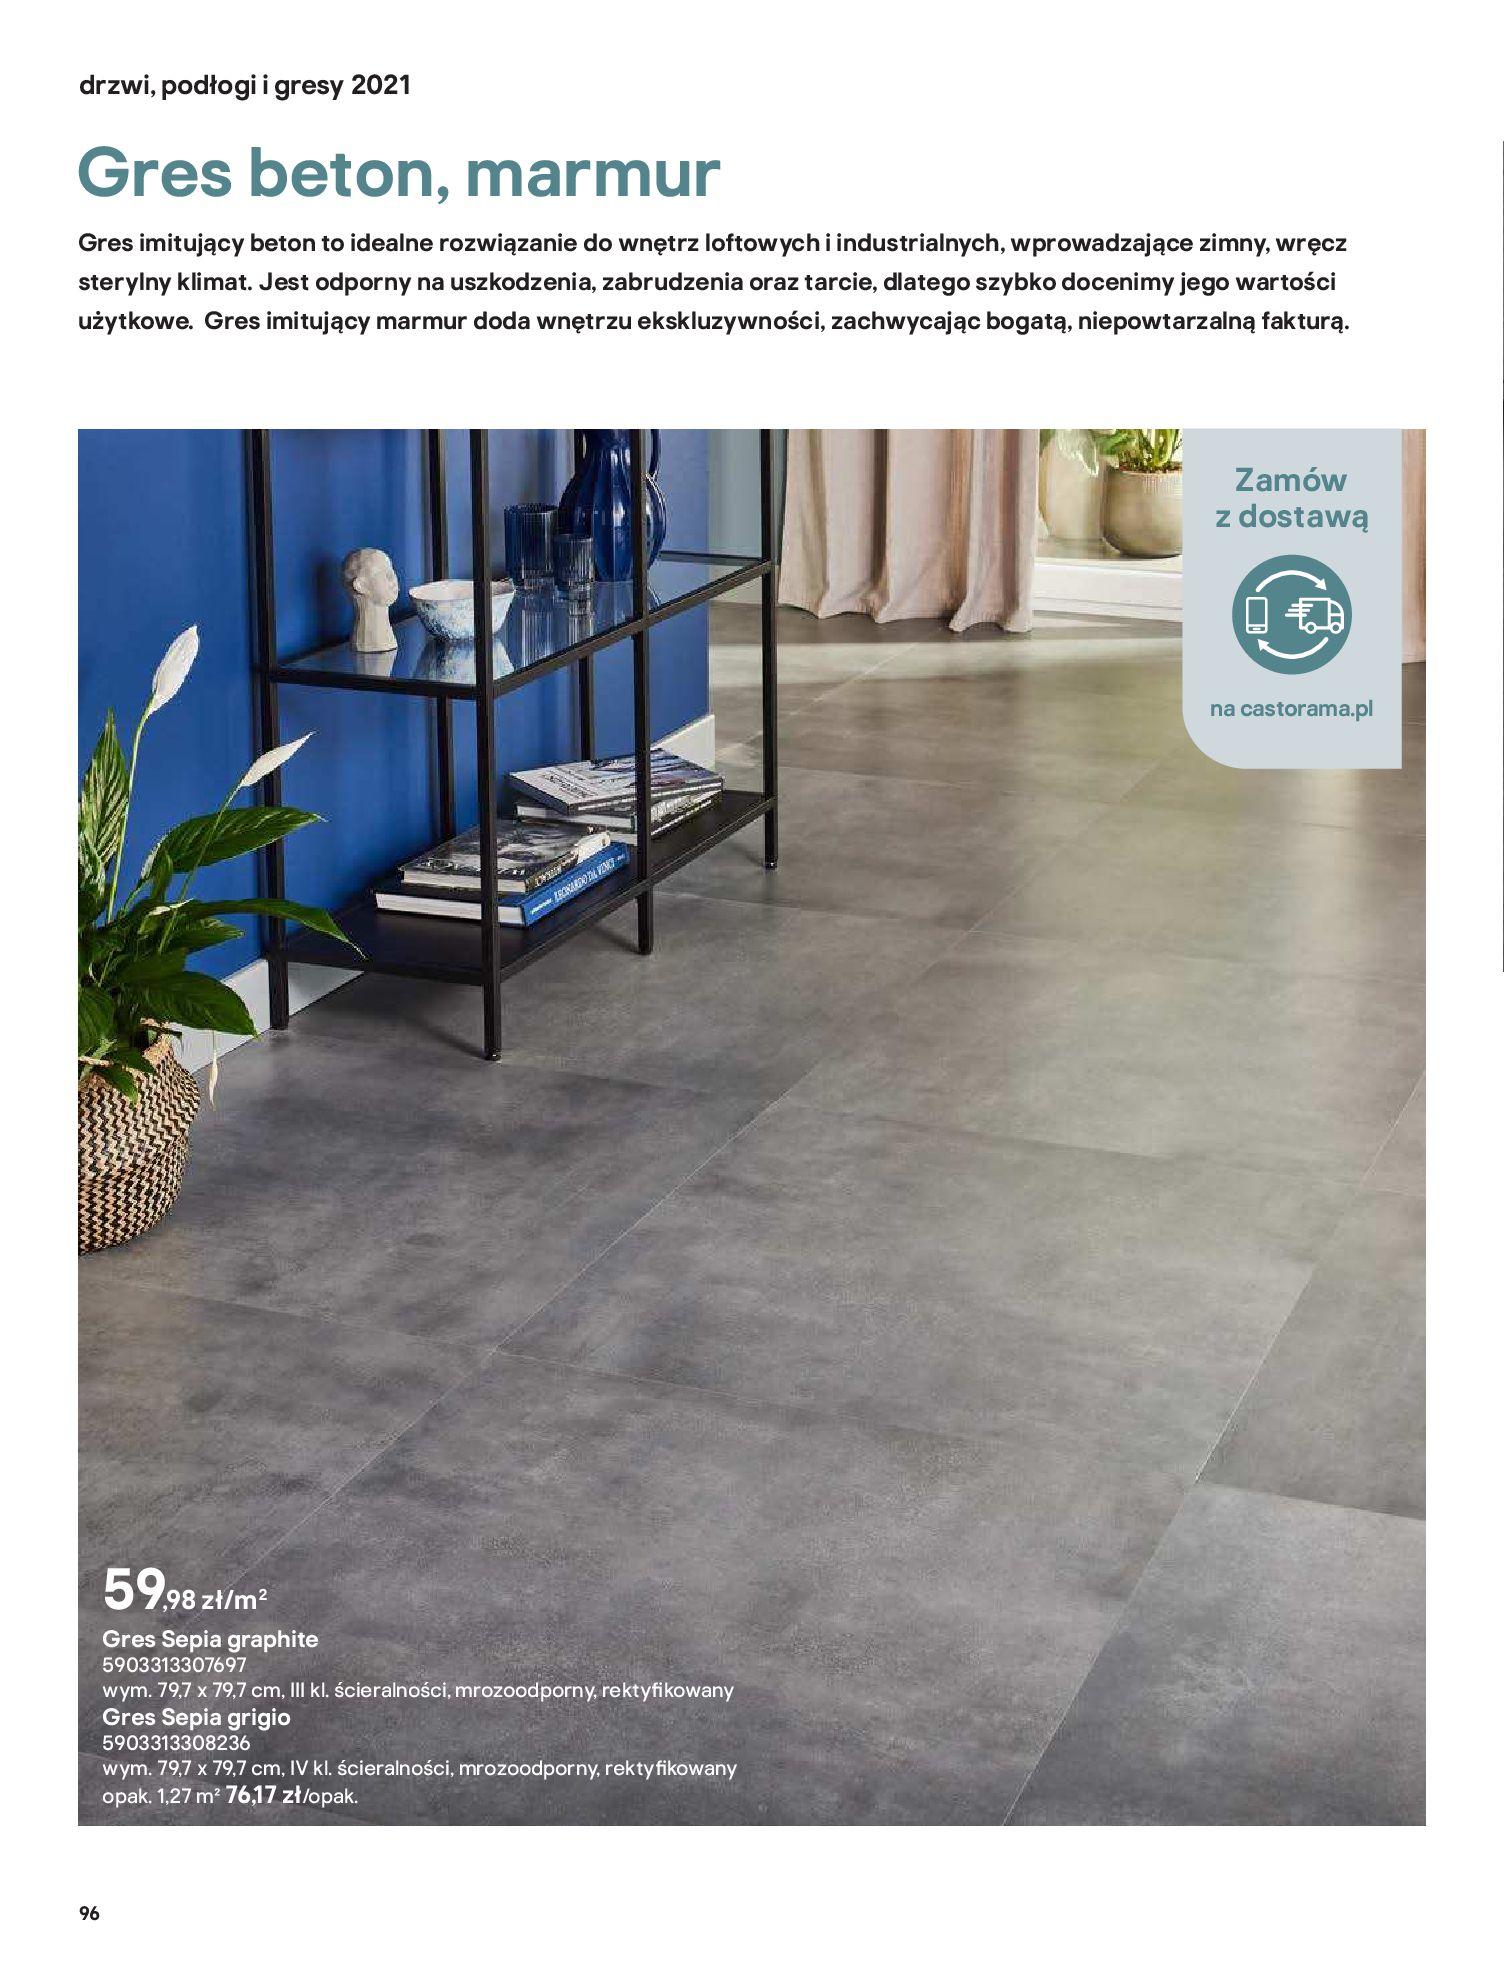 Gazetka Castorama: Gazetka Castorama - Przewodnik drzwi i podłogi 2021 2021-08-11 page-96